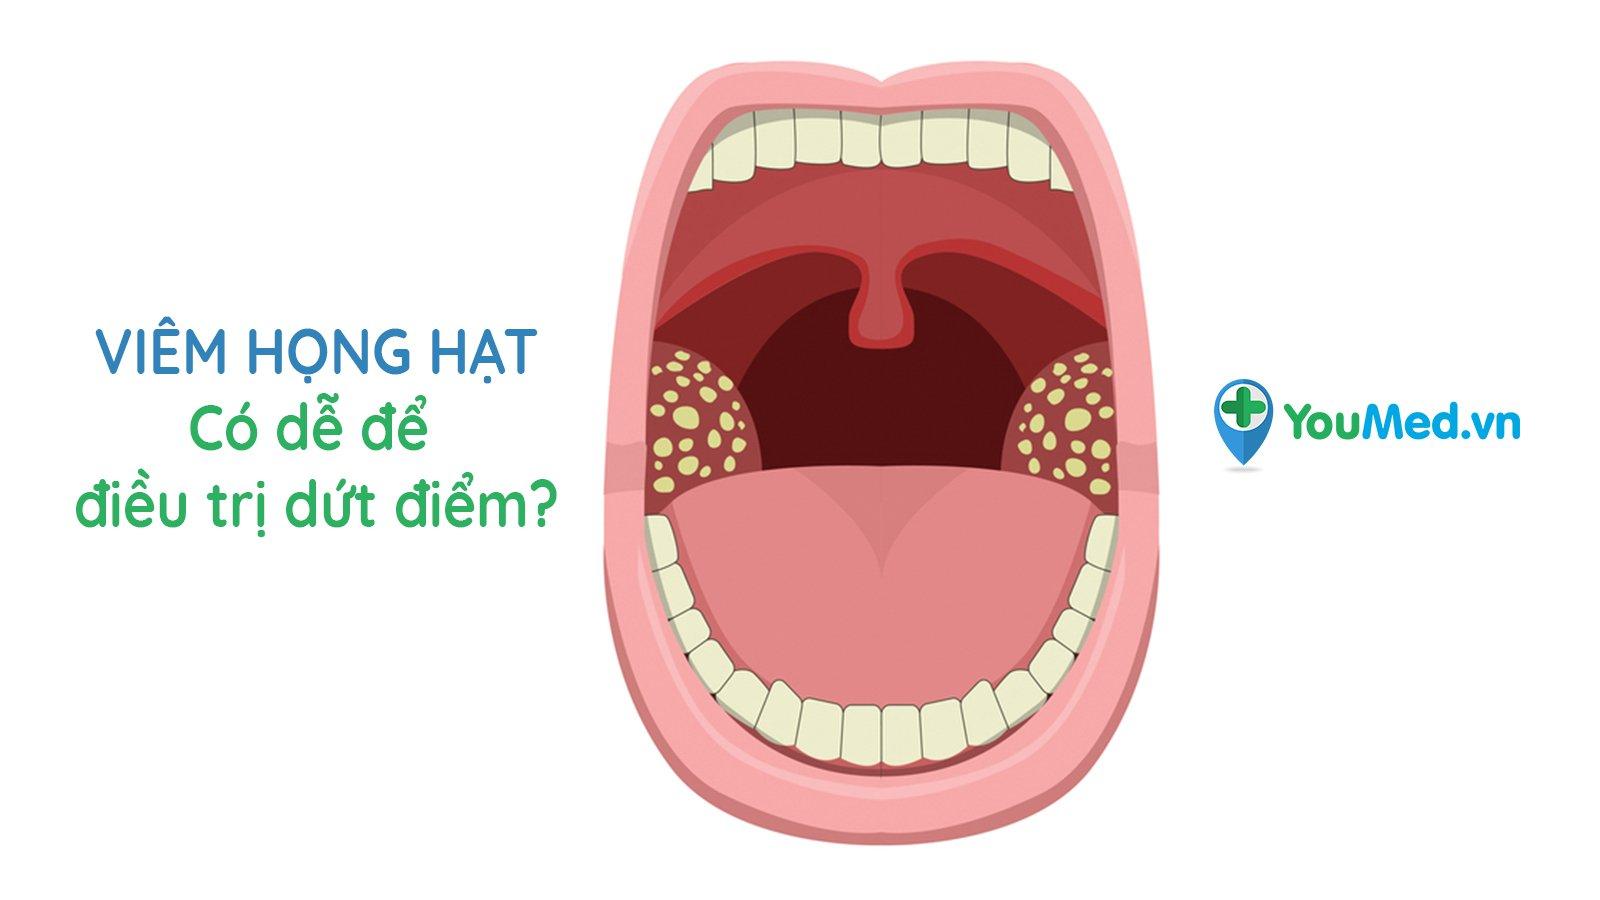 Viêm họng hạt: Có dễ để điều trị dứt điểm?